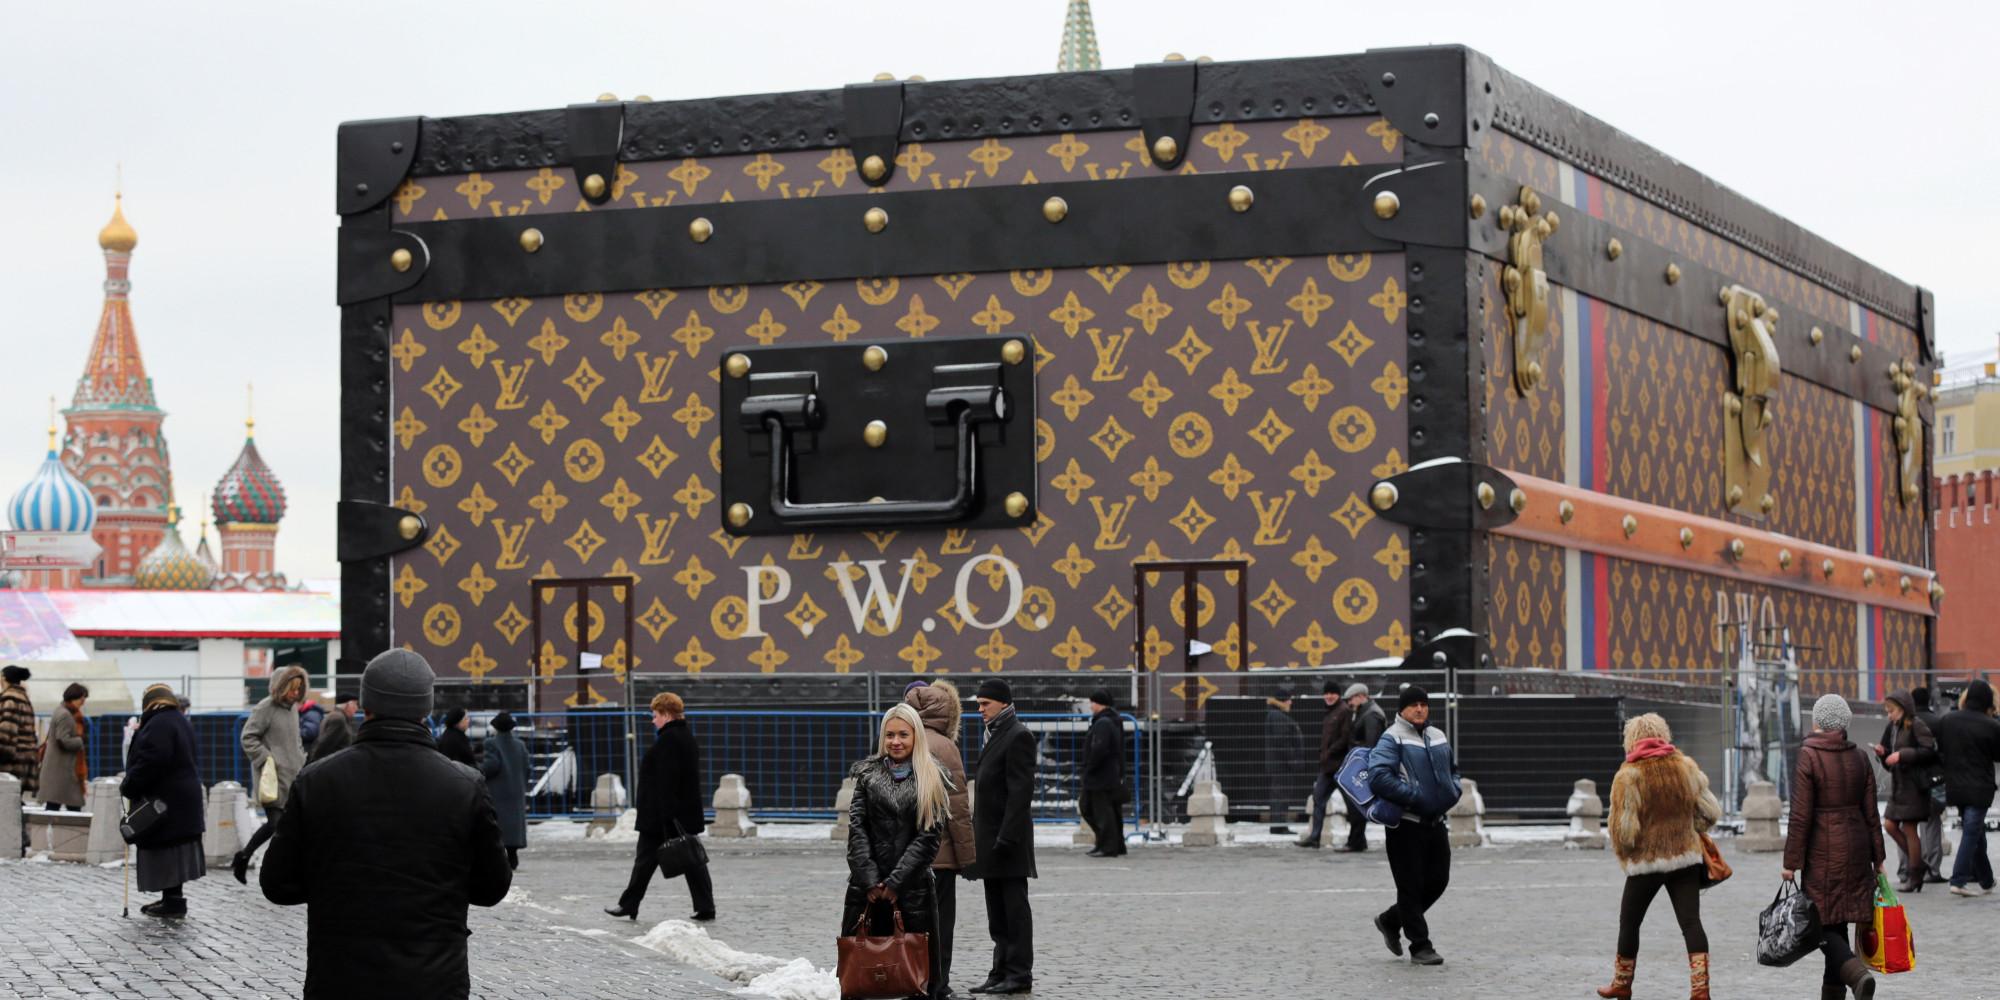 Louis Vuitton verunstaltet roten Platz in Moskau